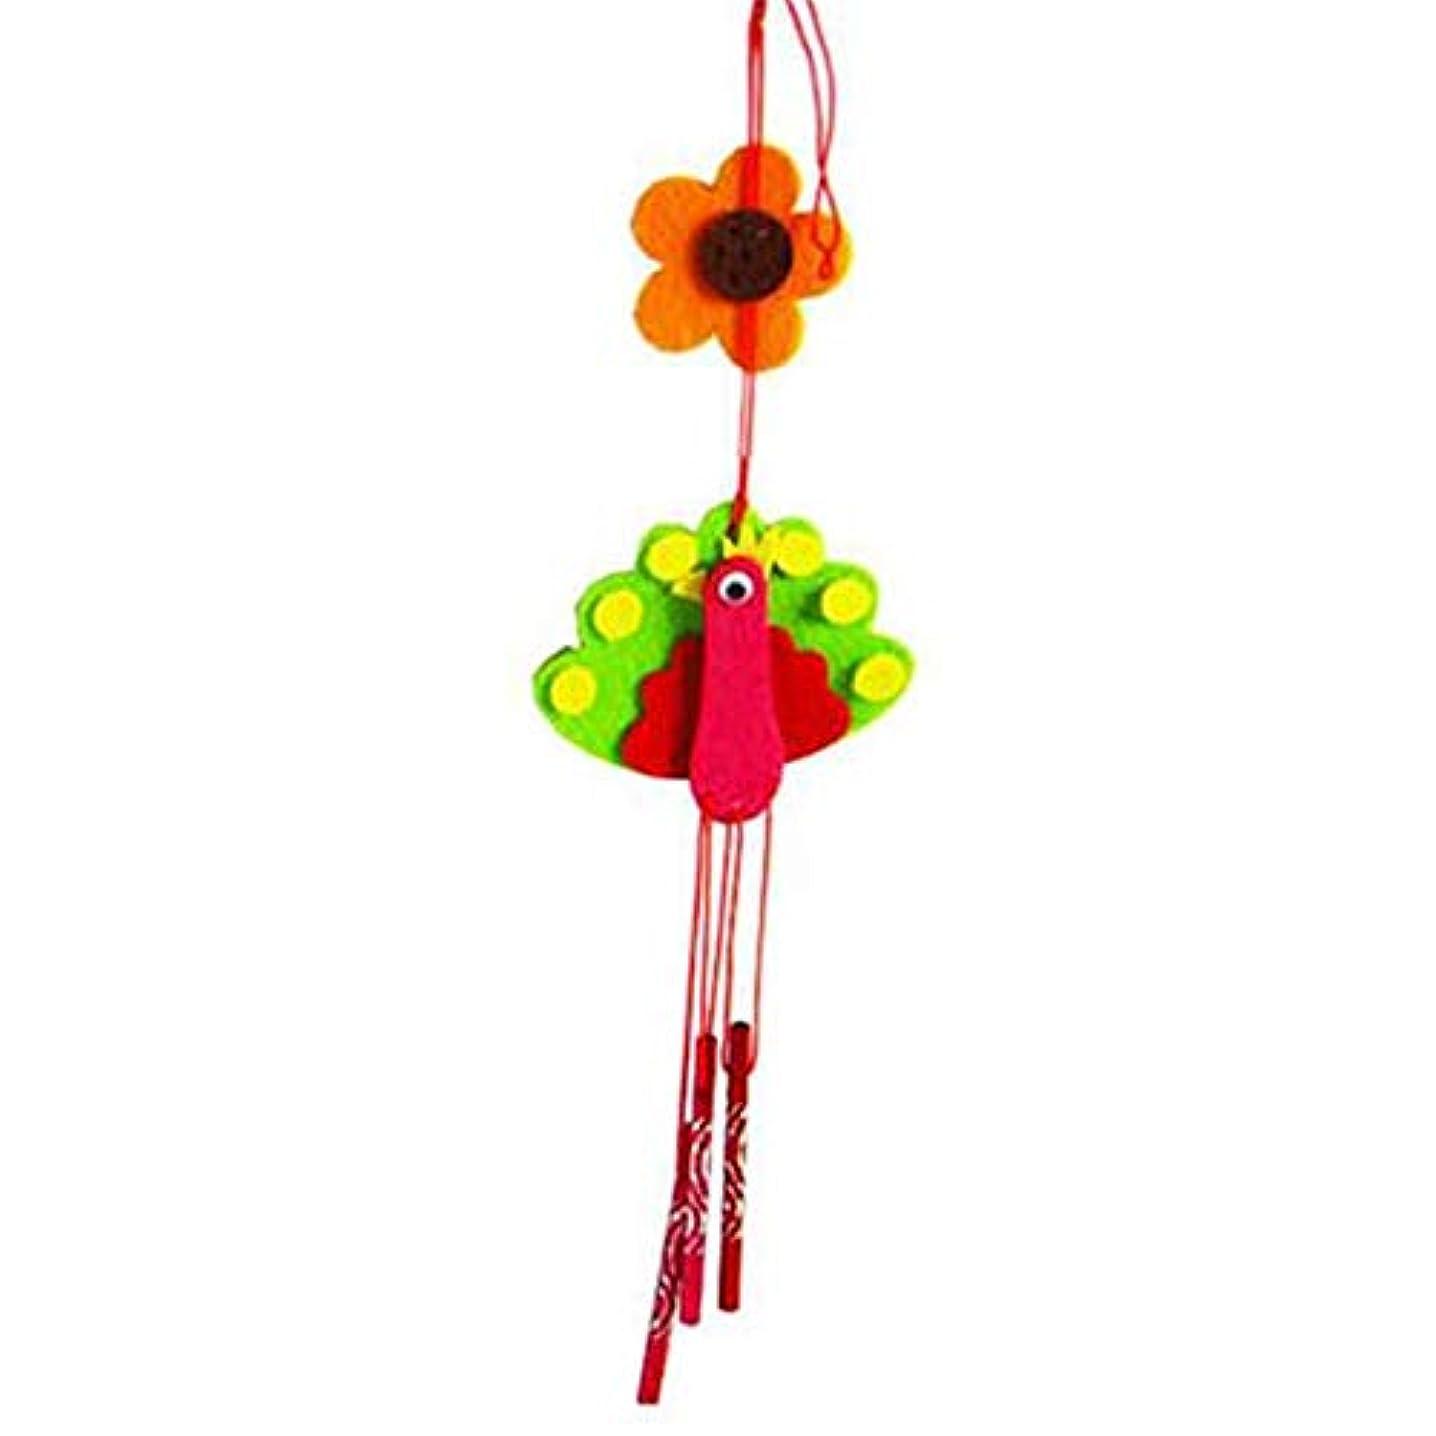 豊かにするモッキンバードかすれたHongyuantongxun 風チャイム、クリエイティブ手作りDIY生産資材パッケージ風チャイム、パープル、全身について35CM,、装飾品ペンダント (Color : Green)